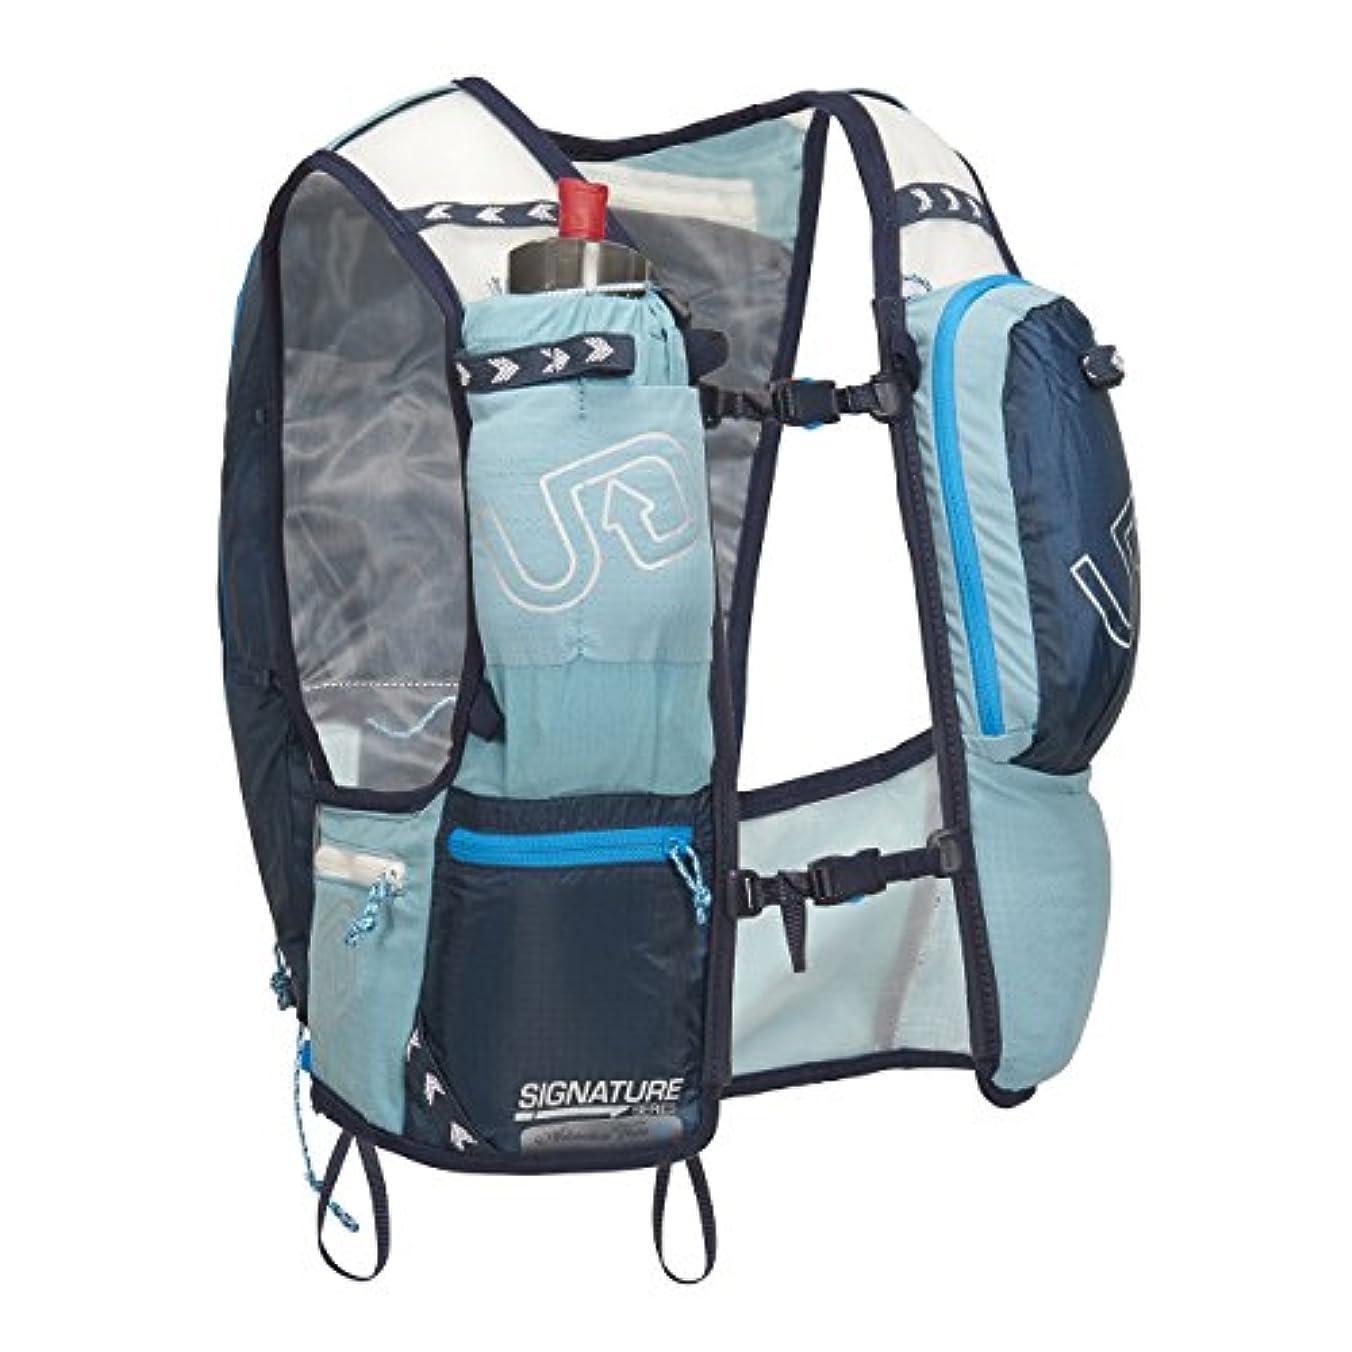 ピボットねばねばアーティファクト[アルティメイトディレクション] ハイドレーションバッグ ADVENTURE VESTA MD/LGサイズ Lichen